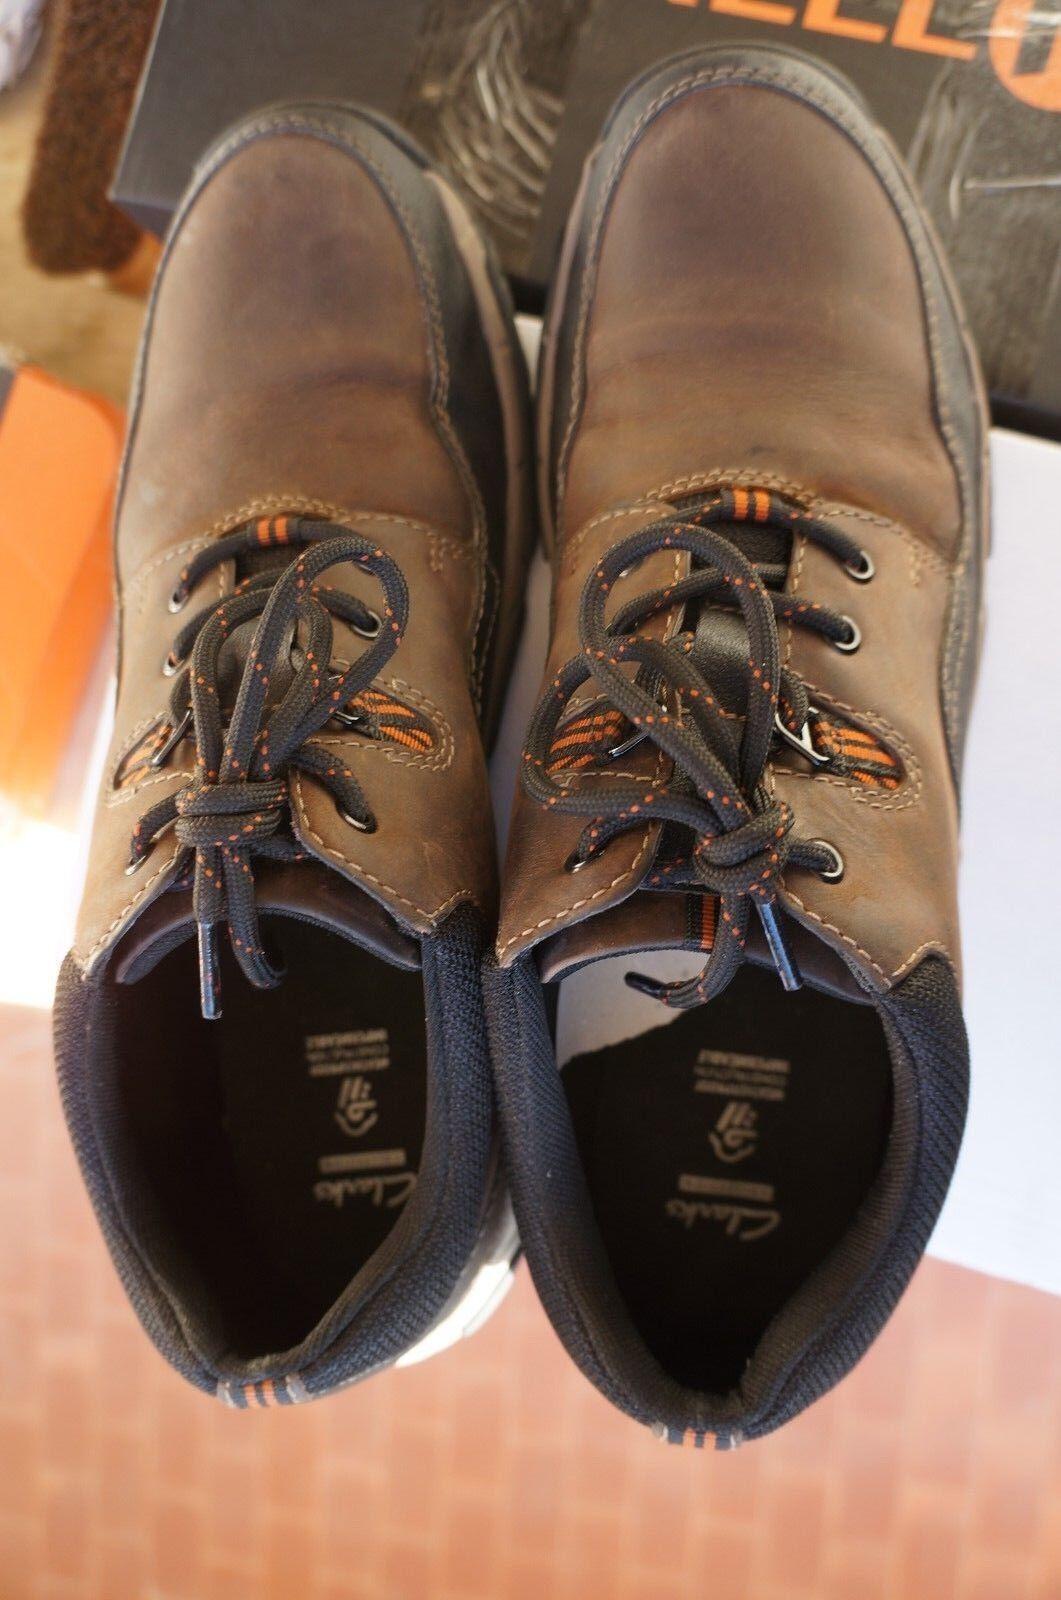 Merrell Annex Schuhe da Trekking da  Herren, Farbee Marrone  (Dark Earth),  Marrone 48 - 9b44a0